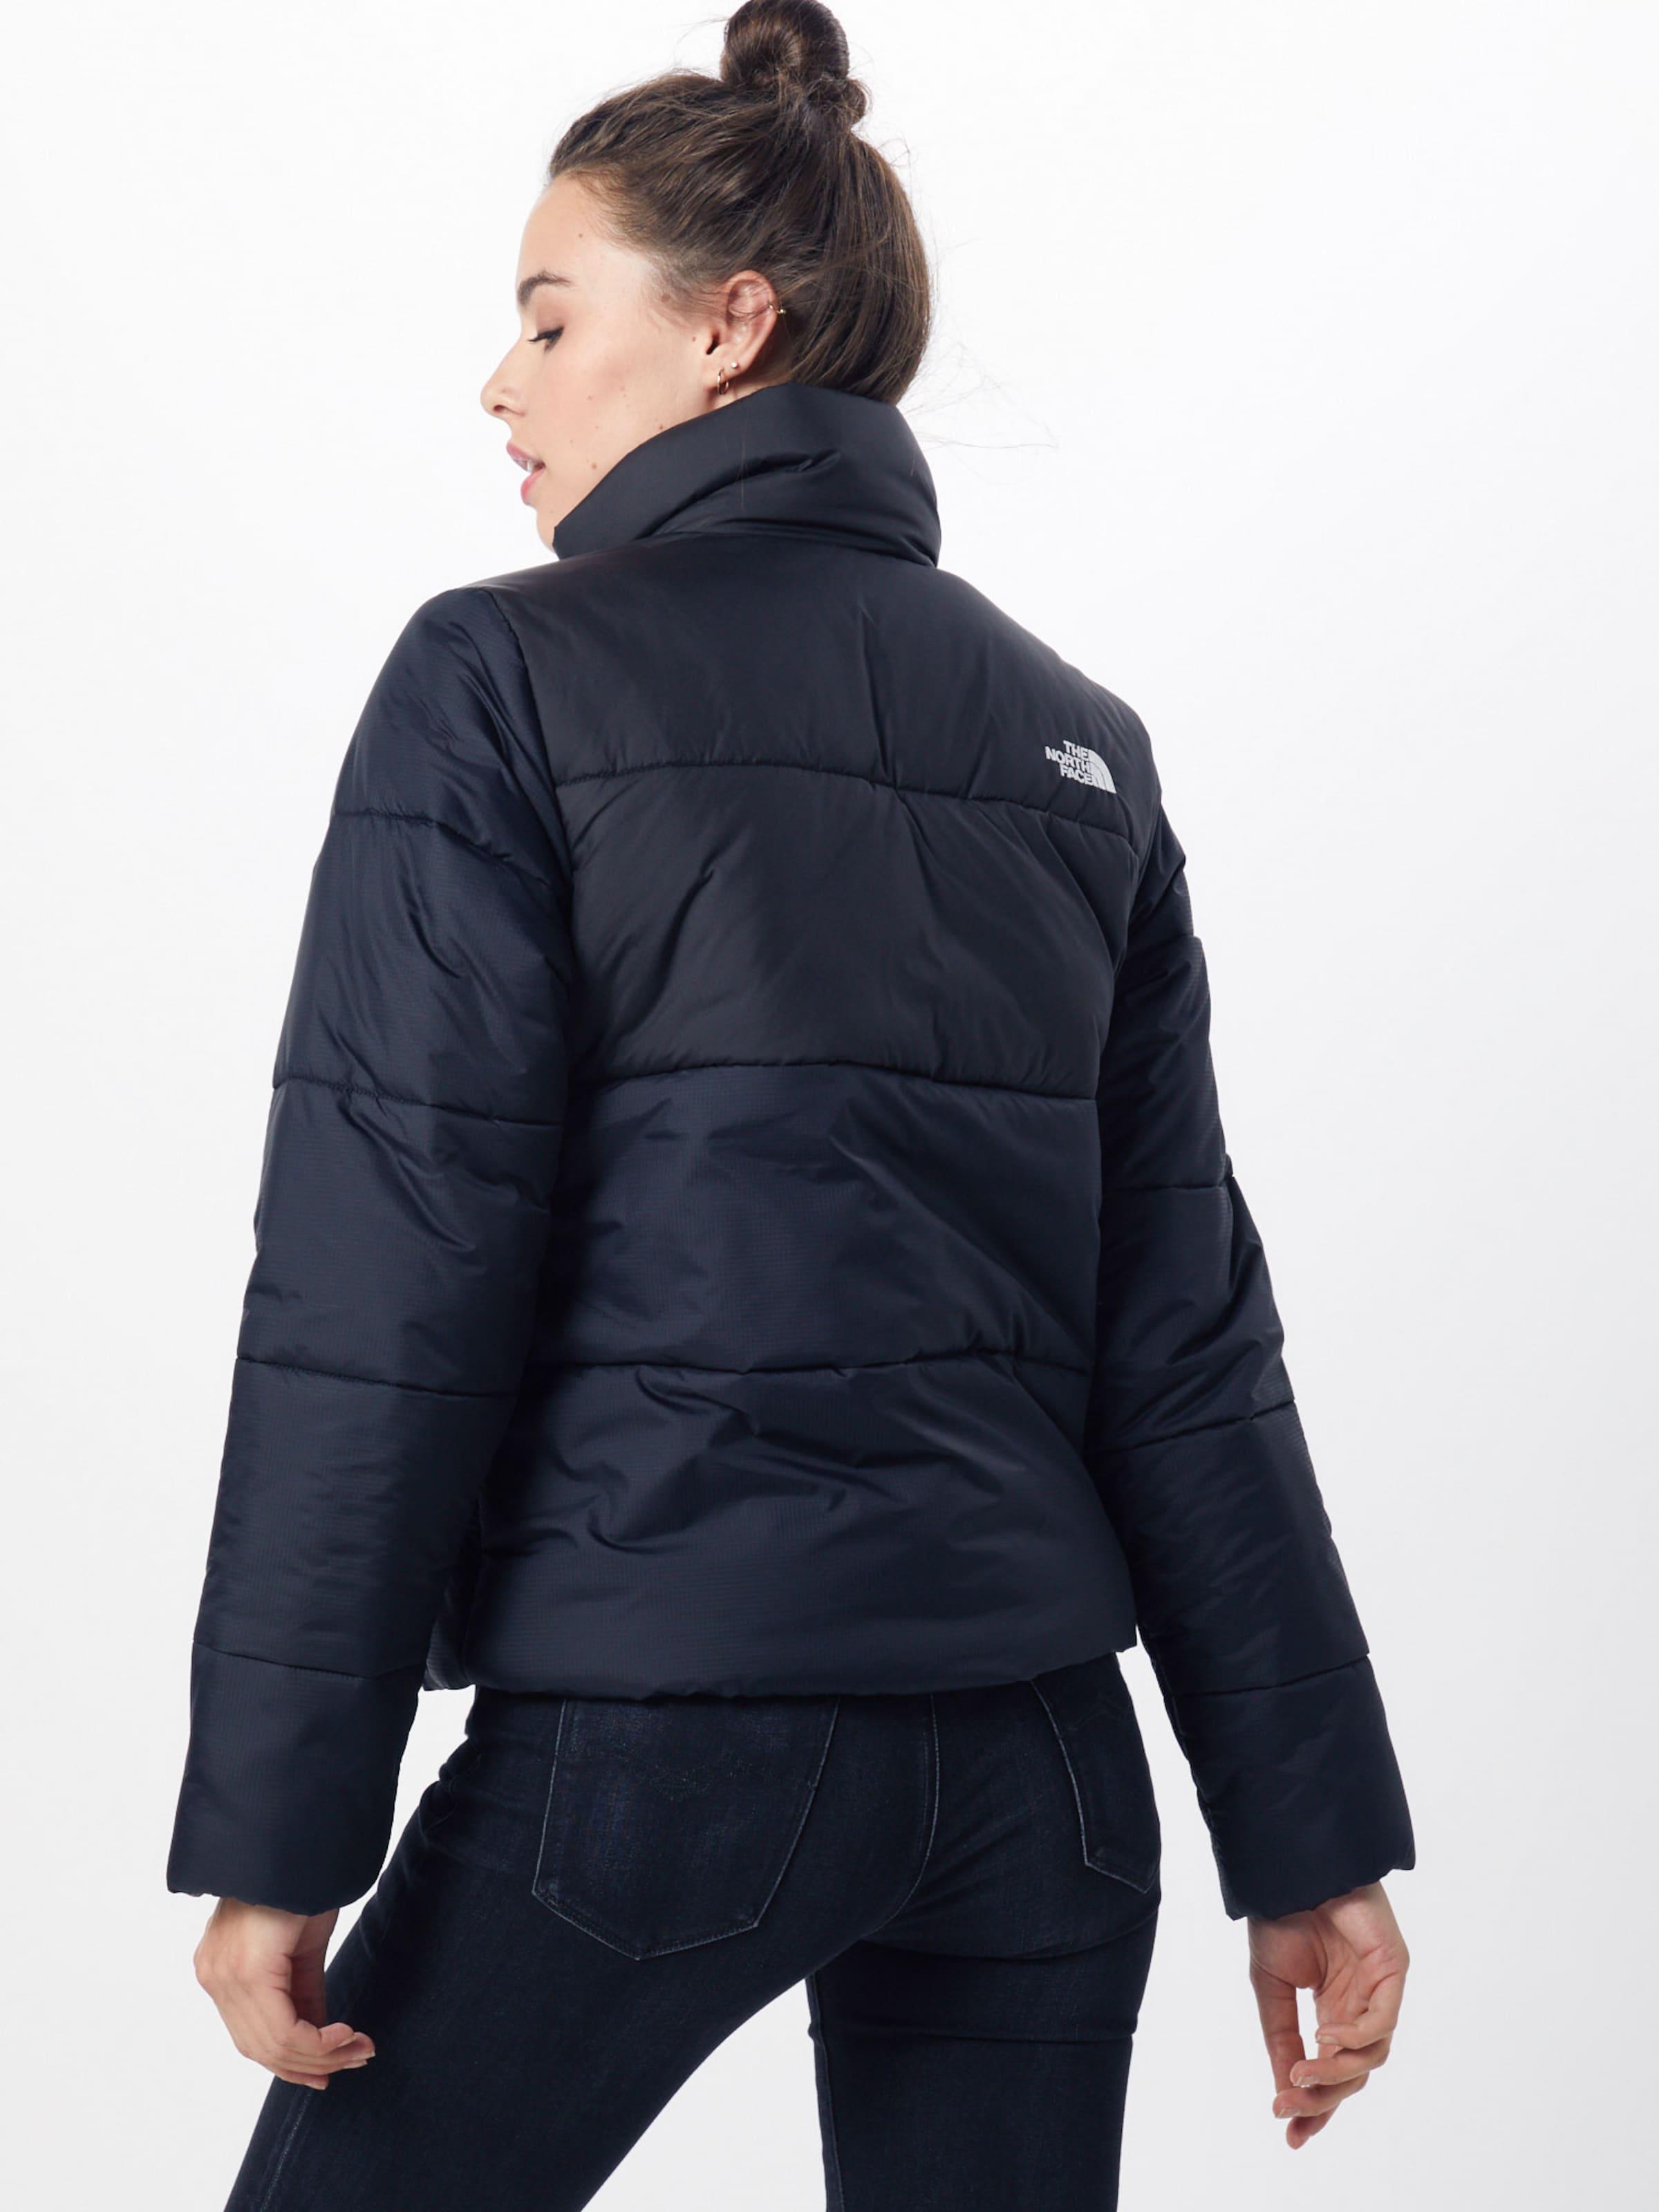 The saison Veste Face En 'women's Noir Mi Jacket' Synthetic North uPXiZk